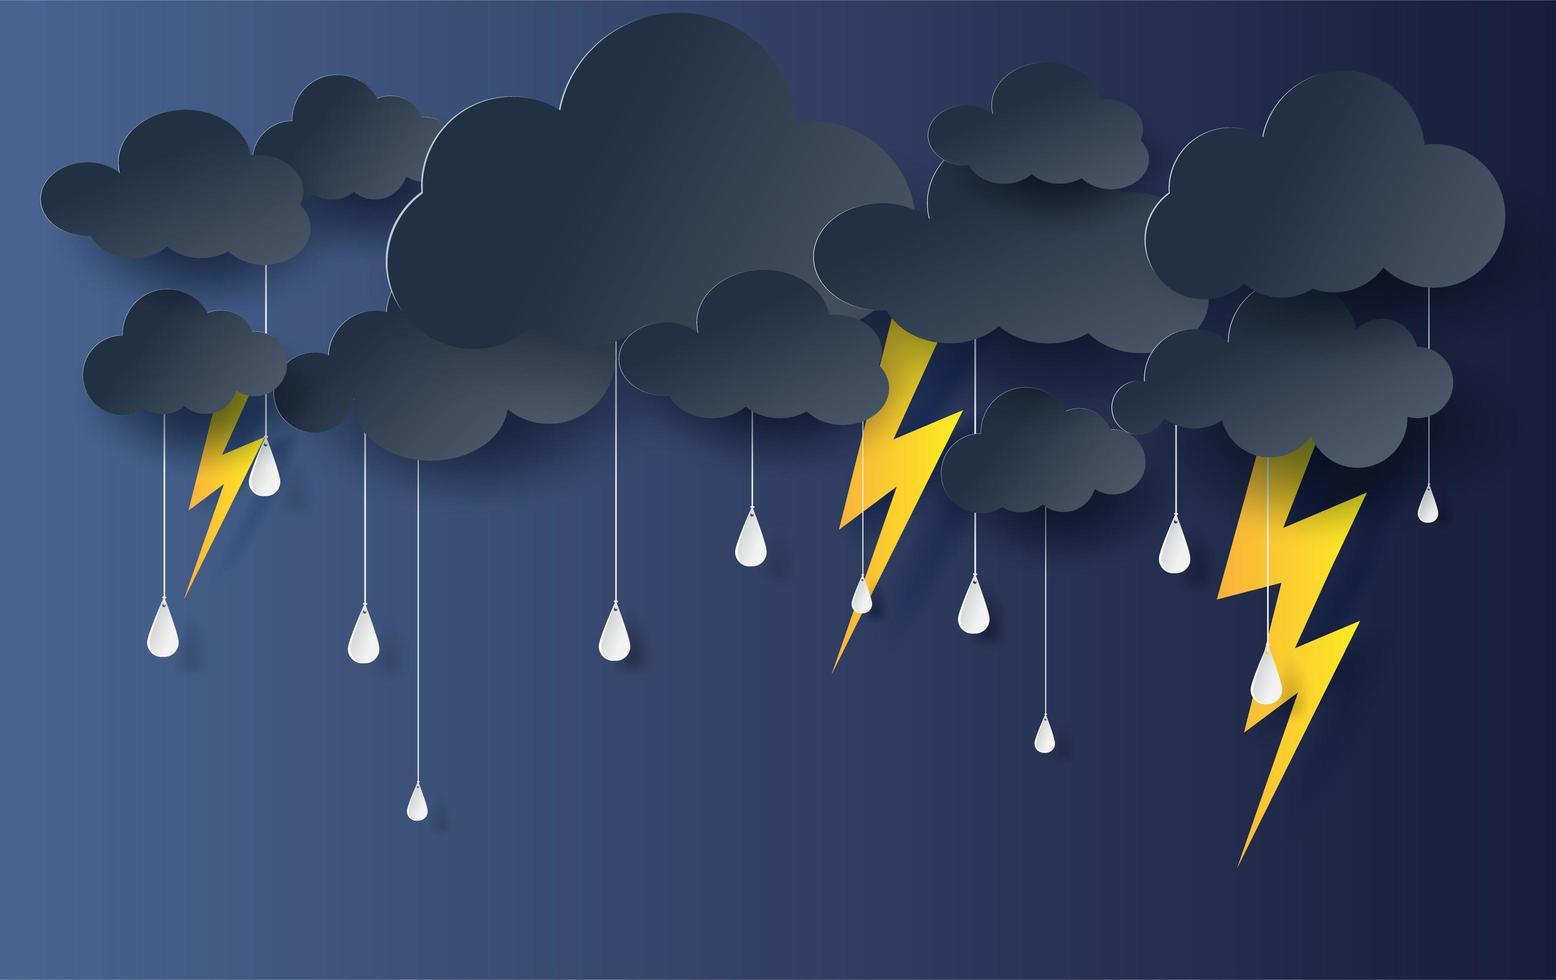 papier kunst en ambachtelijke stijl wolken en regen banner achtergrond vector